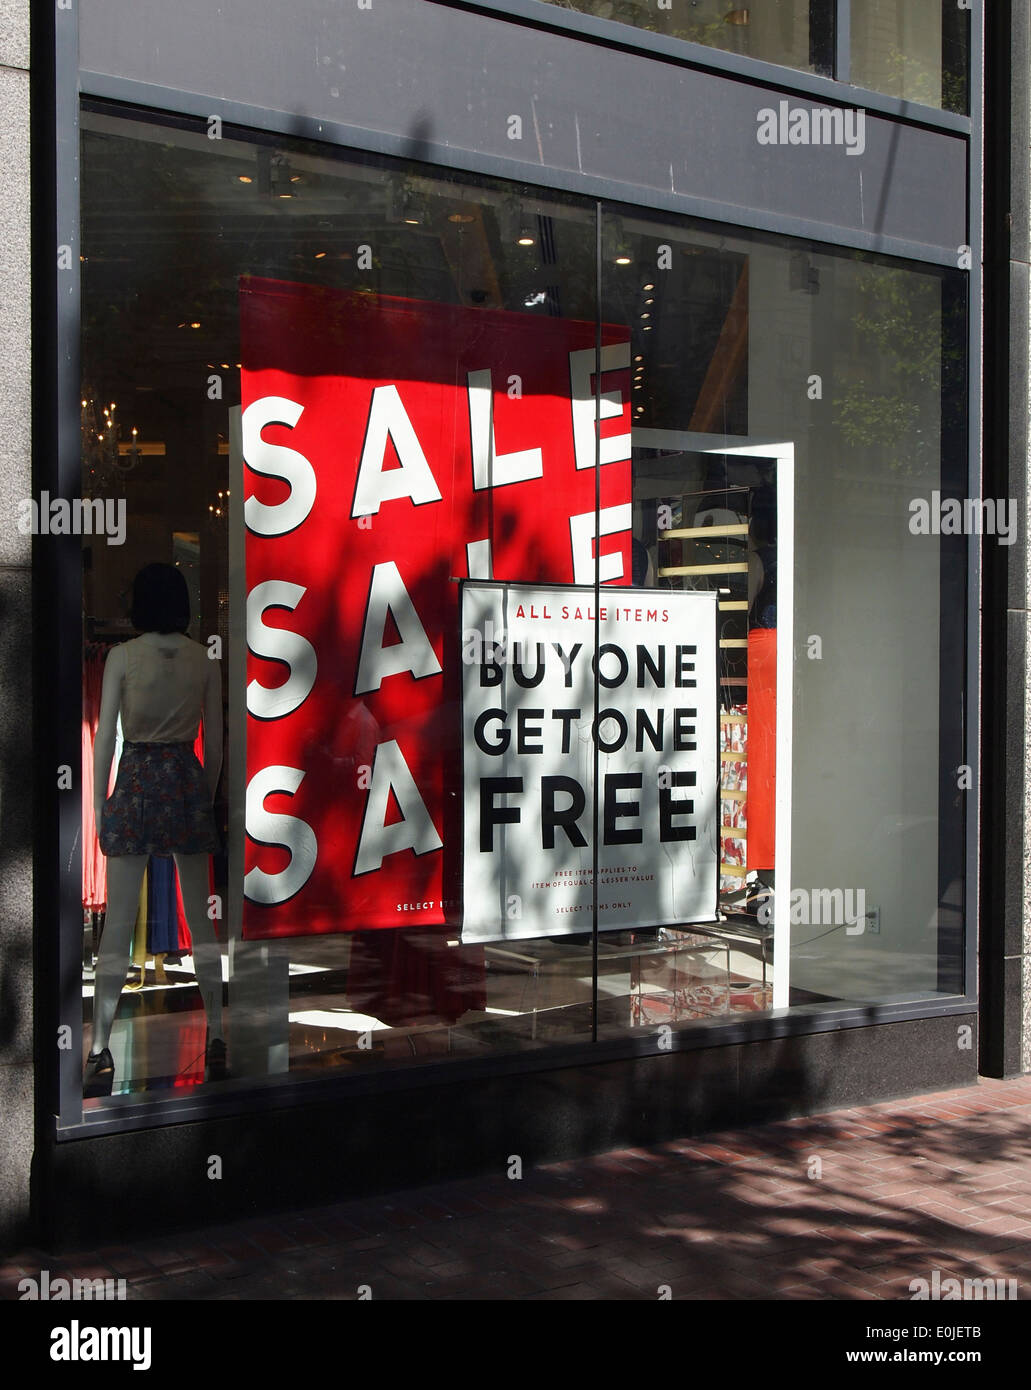 Shop-Fenster Anzeige Verkauf kaufen ein bekommen ein kostenloses Zeichen Stockbild